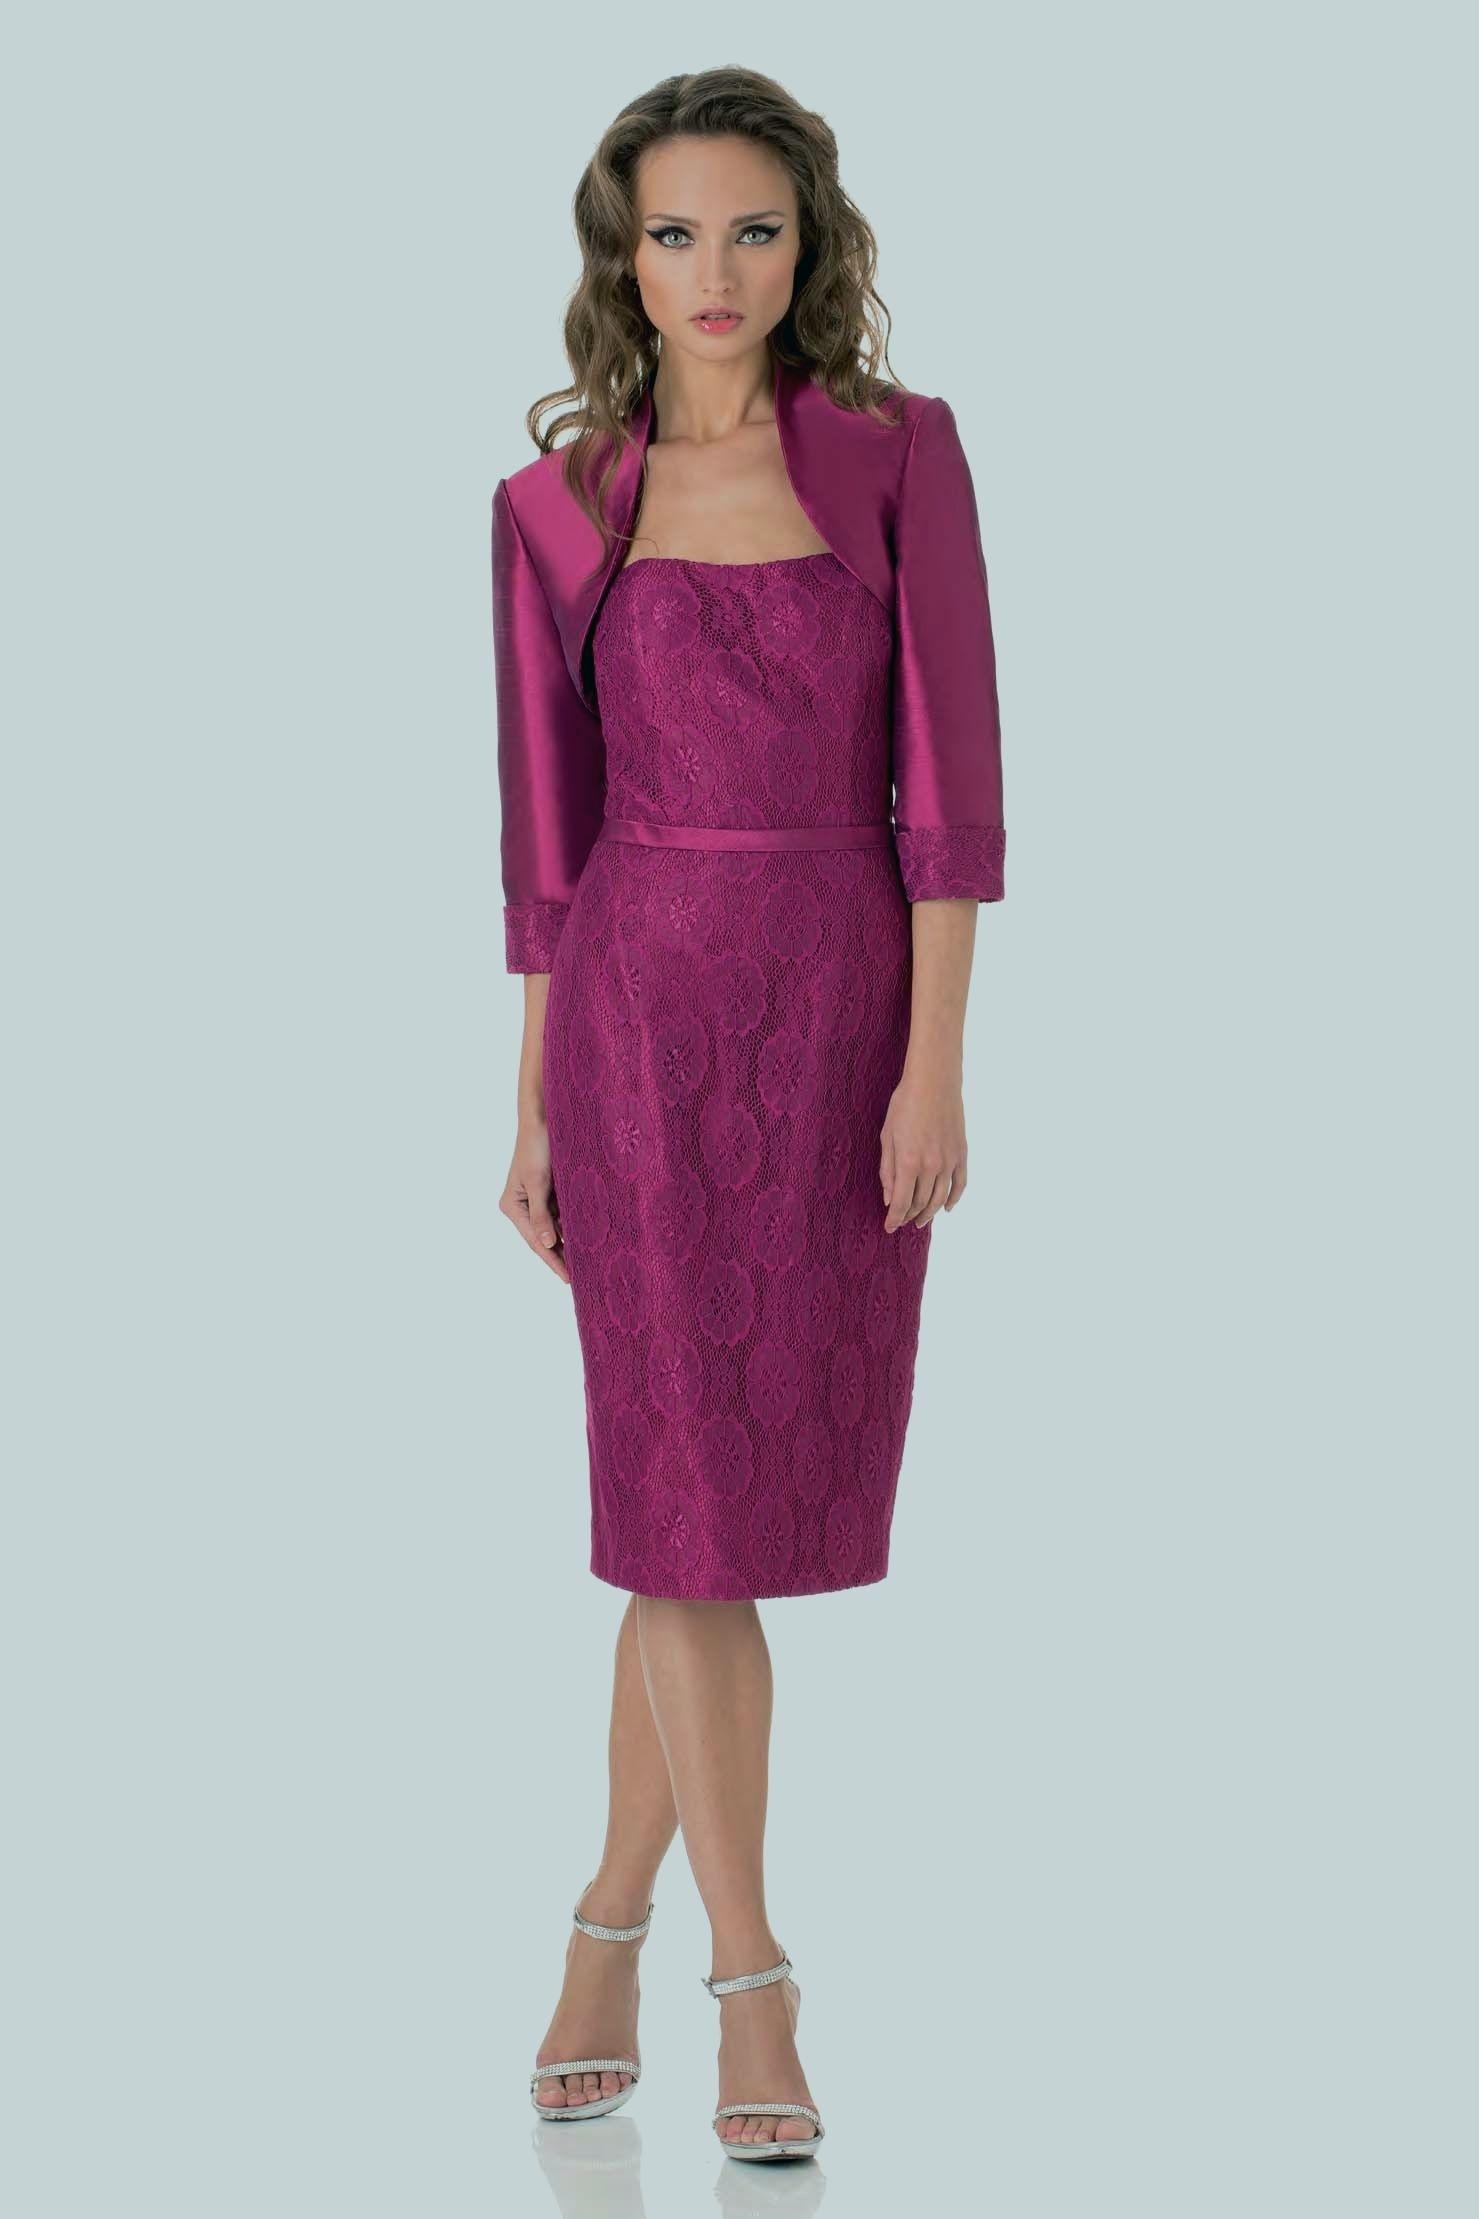 Abend Perfekt Festliche Kleider Für Brautmutter Spezialgebiet10 Kreativ Festliche Kleider Für Brautmutter Stylish